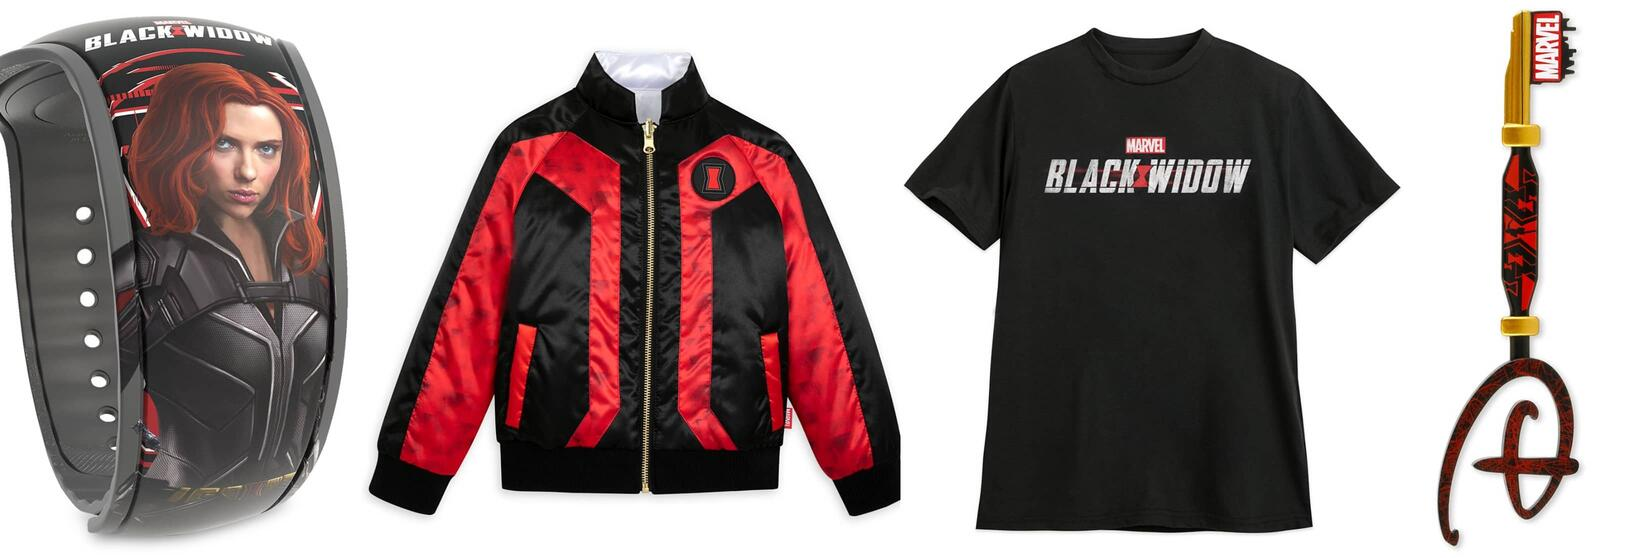 Black Widow gear